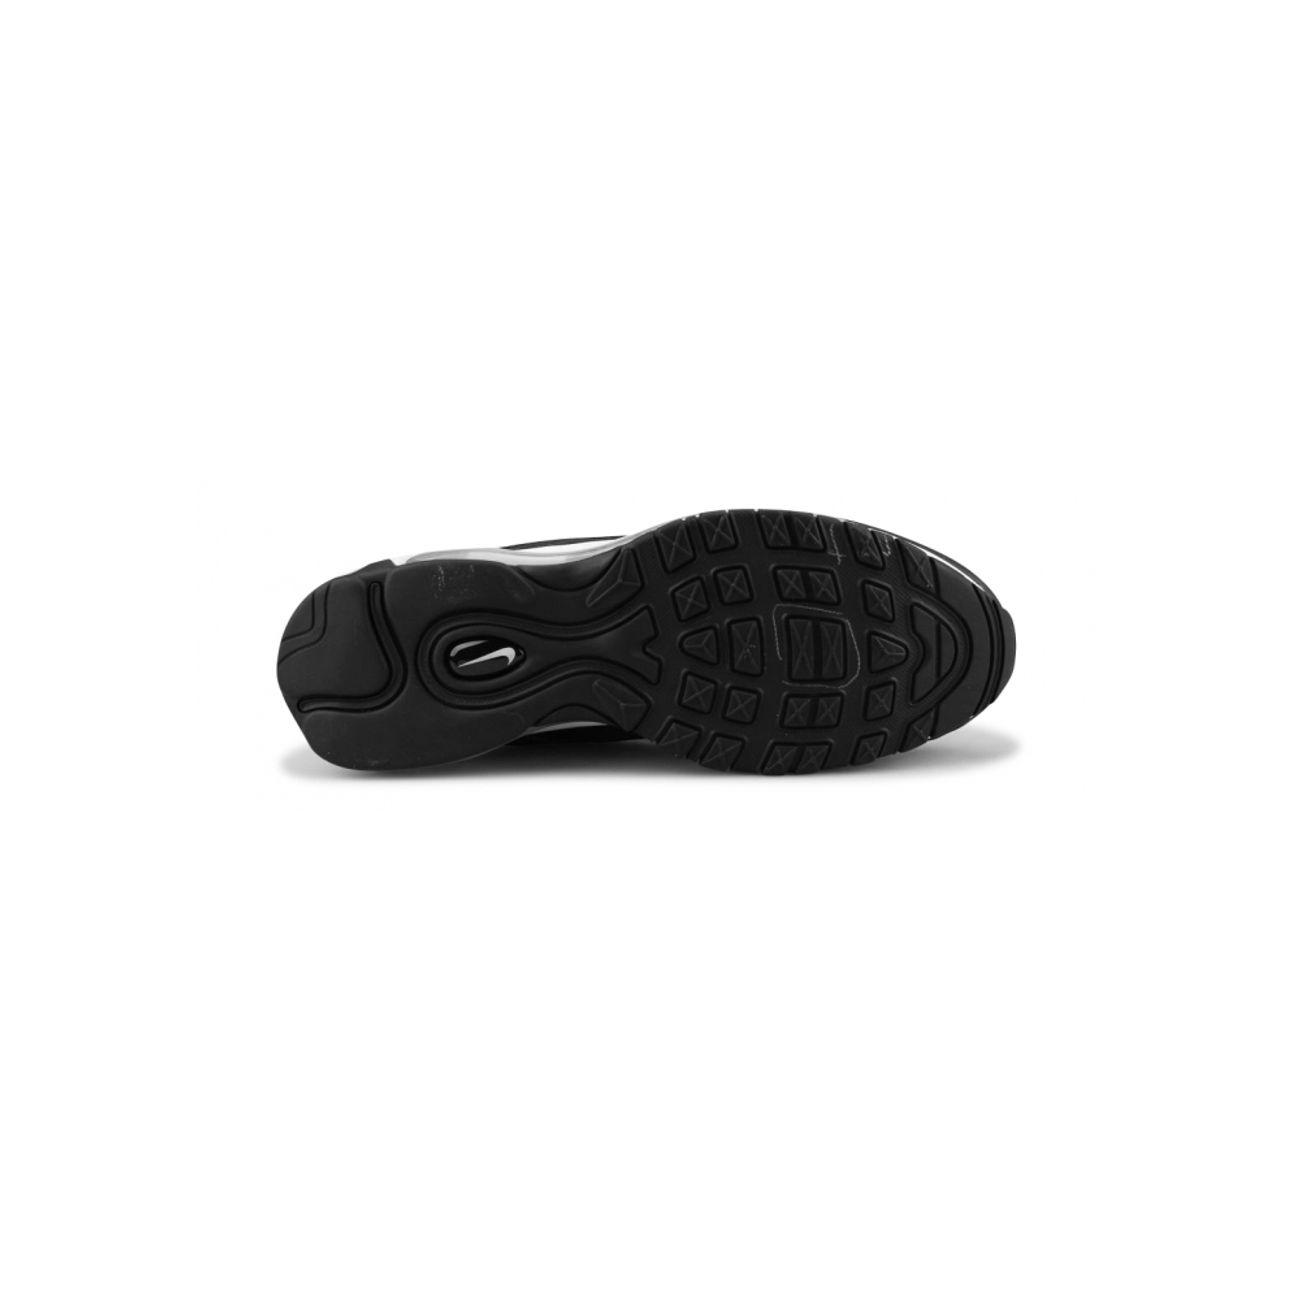 Max Noir 006 Wmns 921733 Femme Air ModeLifestyle Nike 97 Basket hsrdxQtC